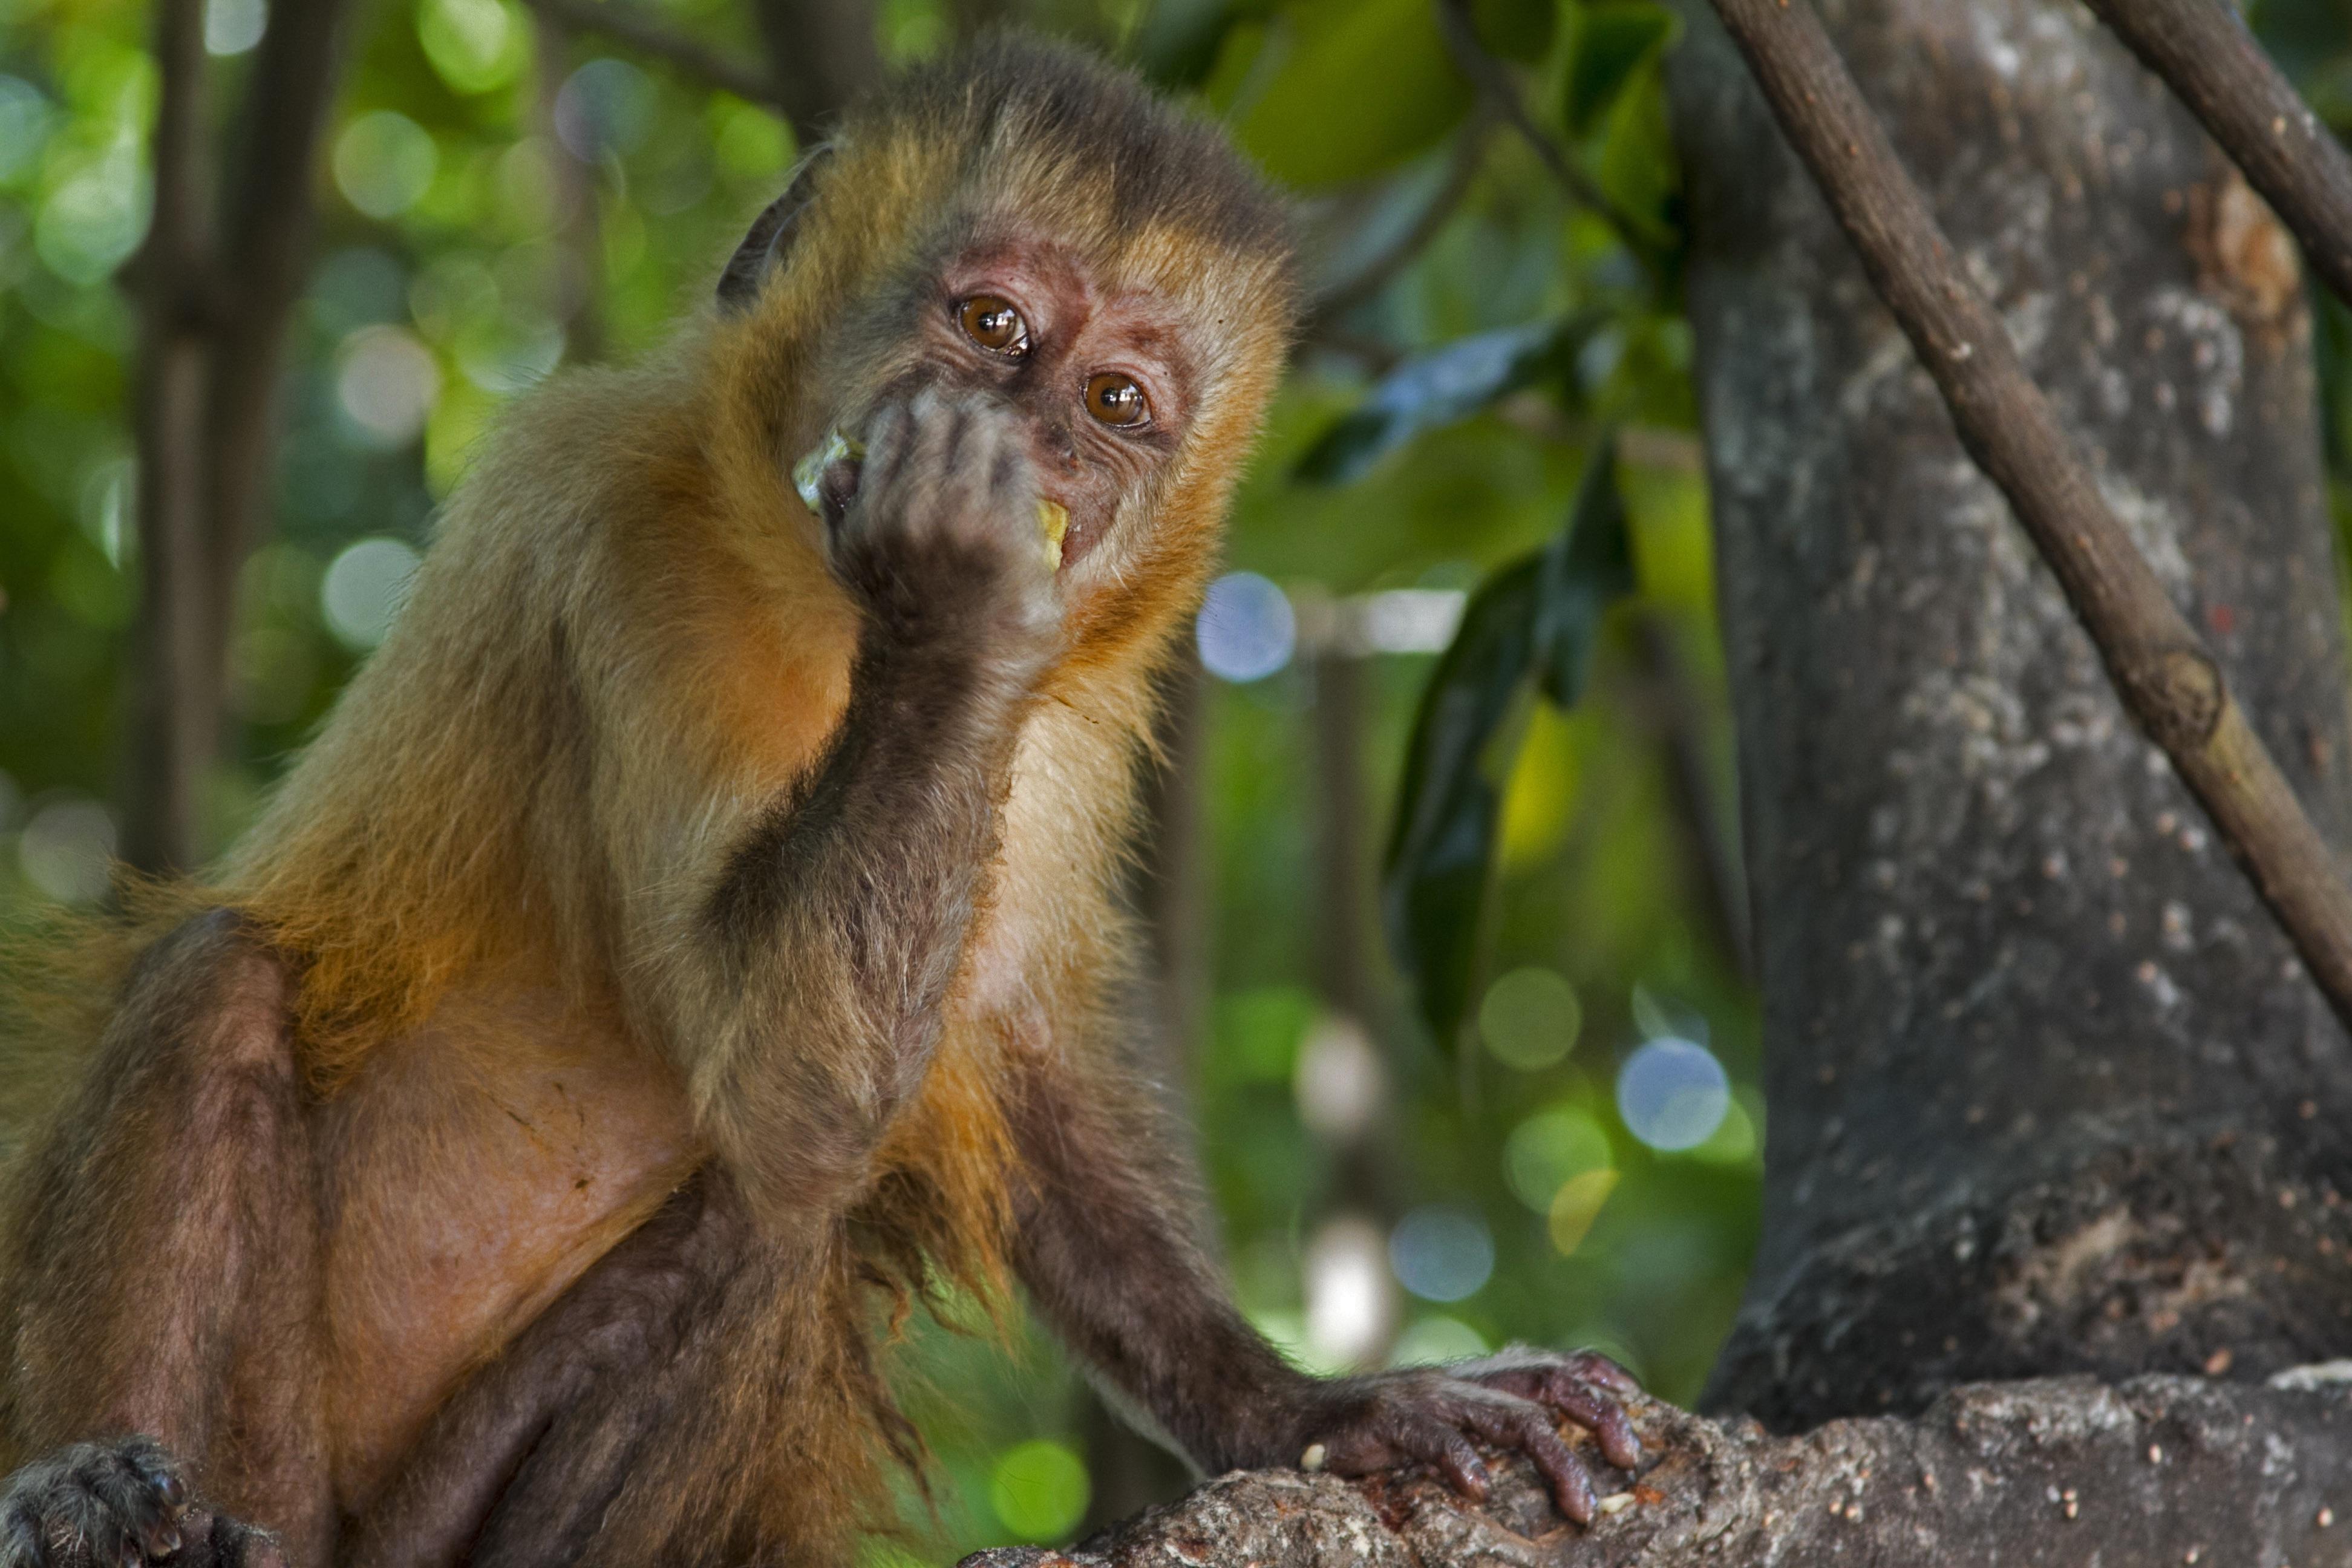 картинки диких обезьян можно погладить взять